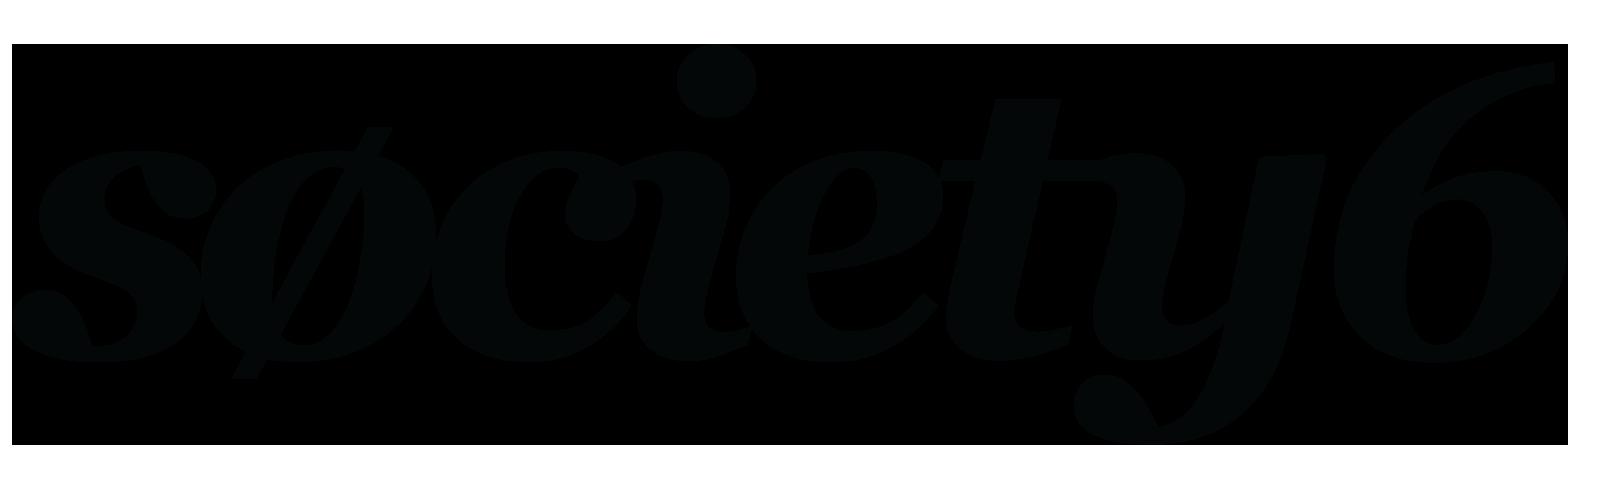 S6_logos.png